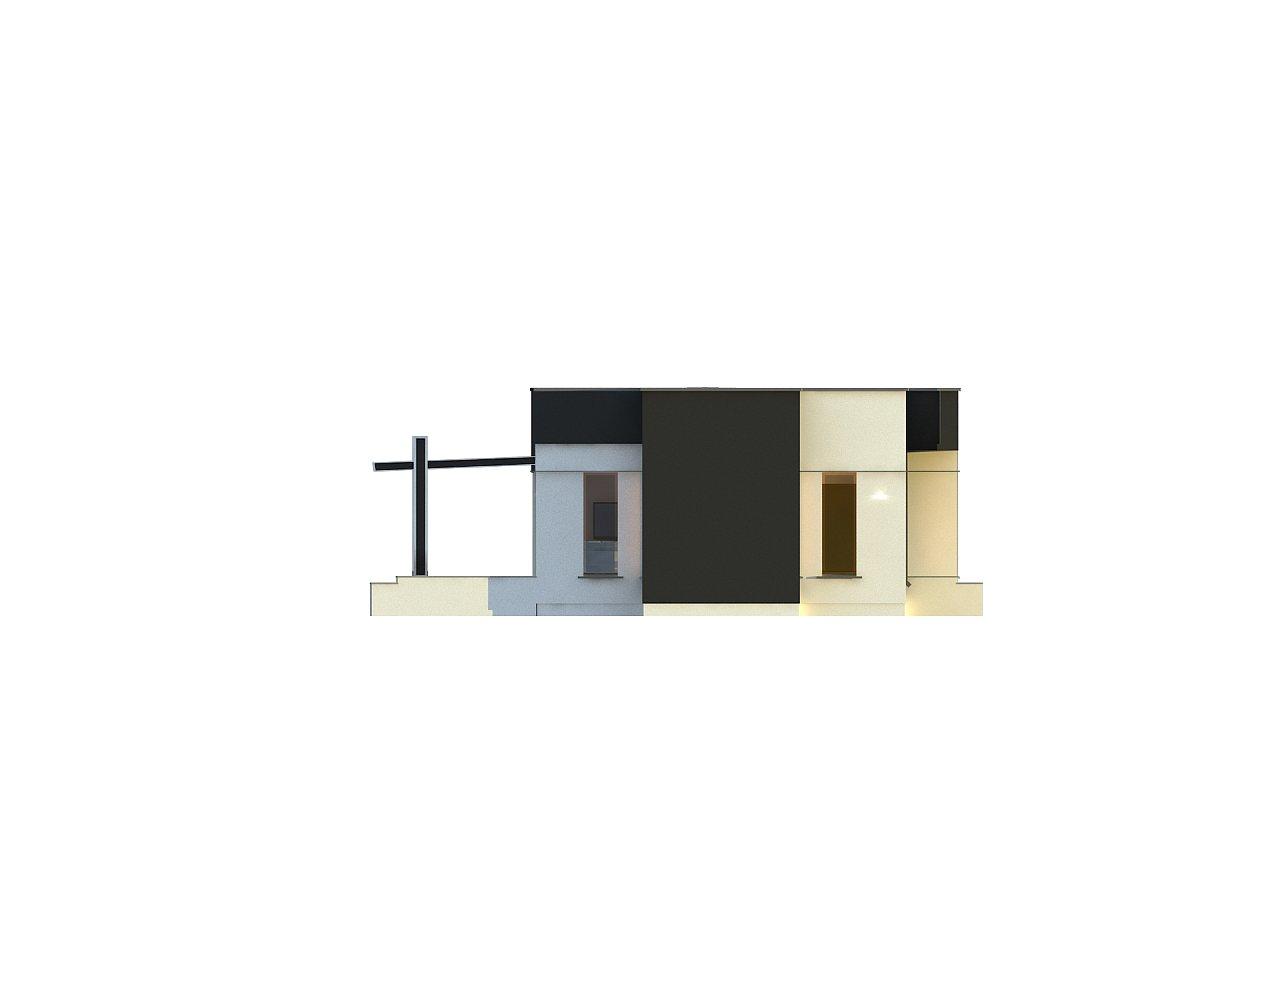 Одноэтажный комфортный дом в стиле хай-тек. 25